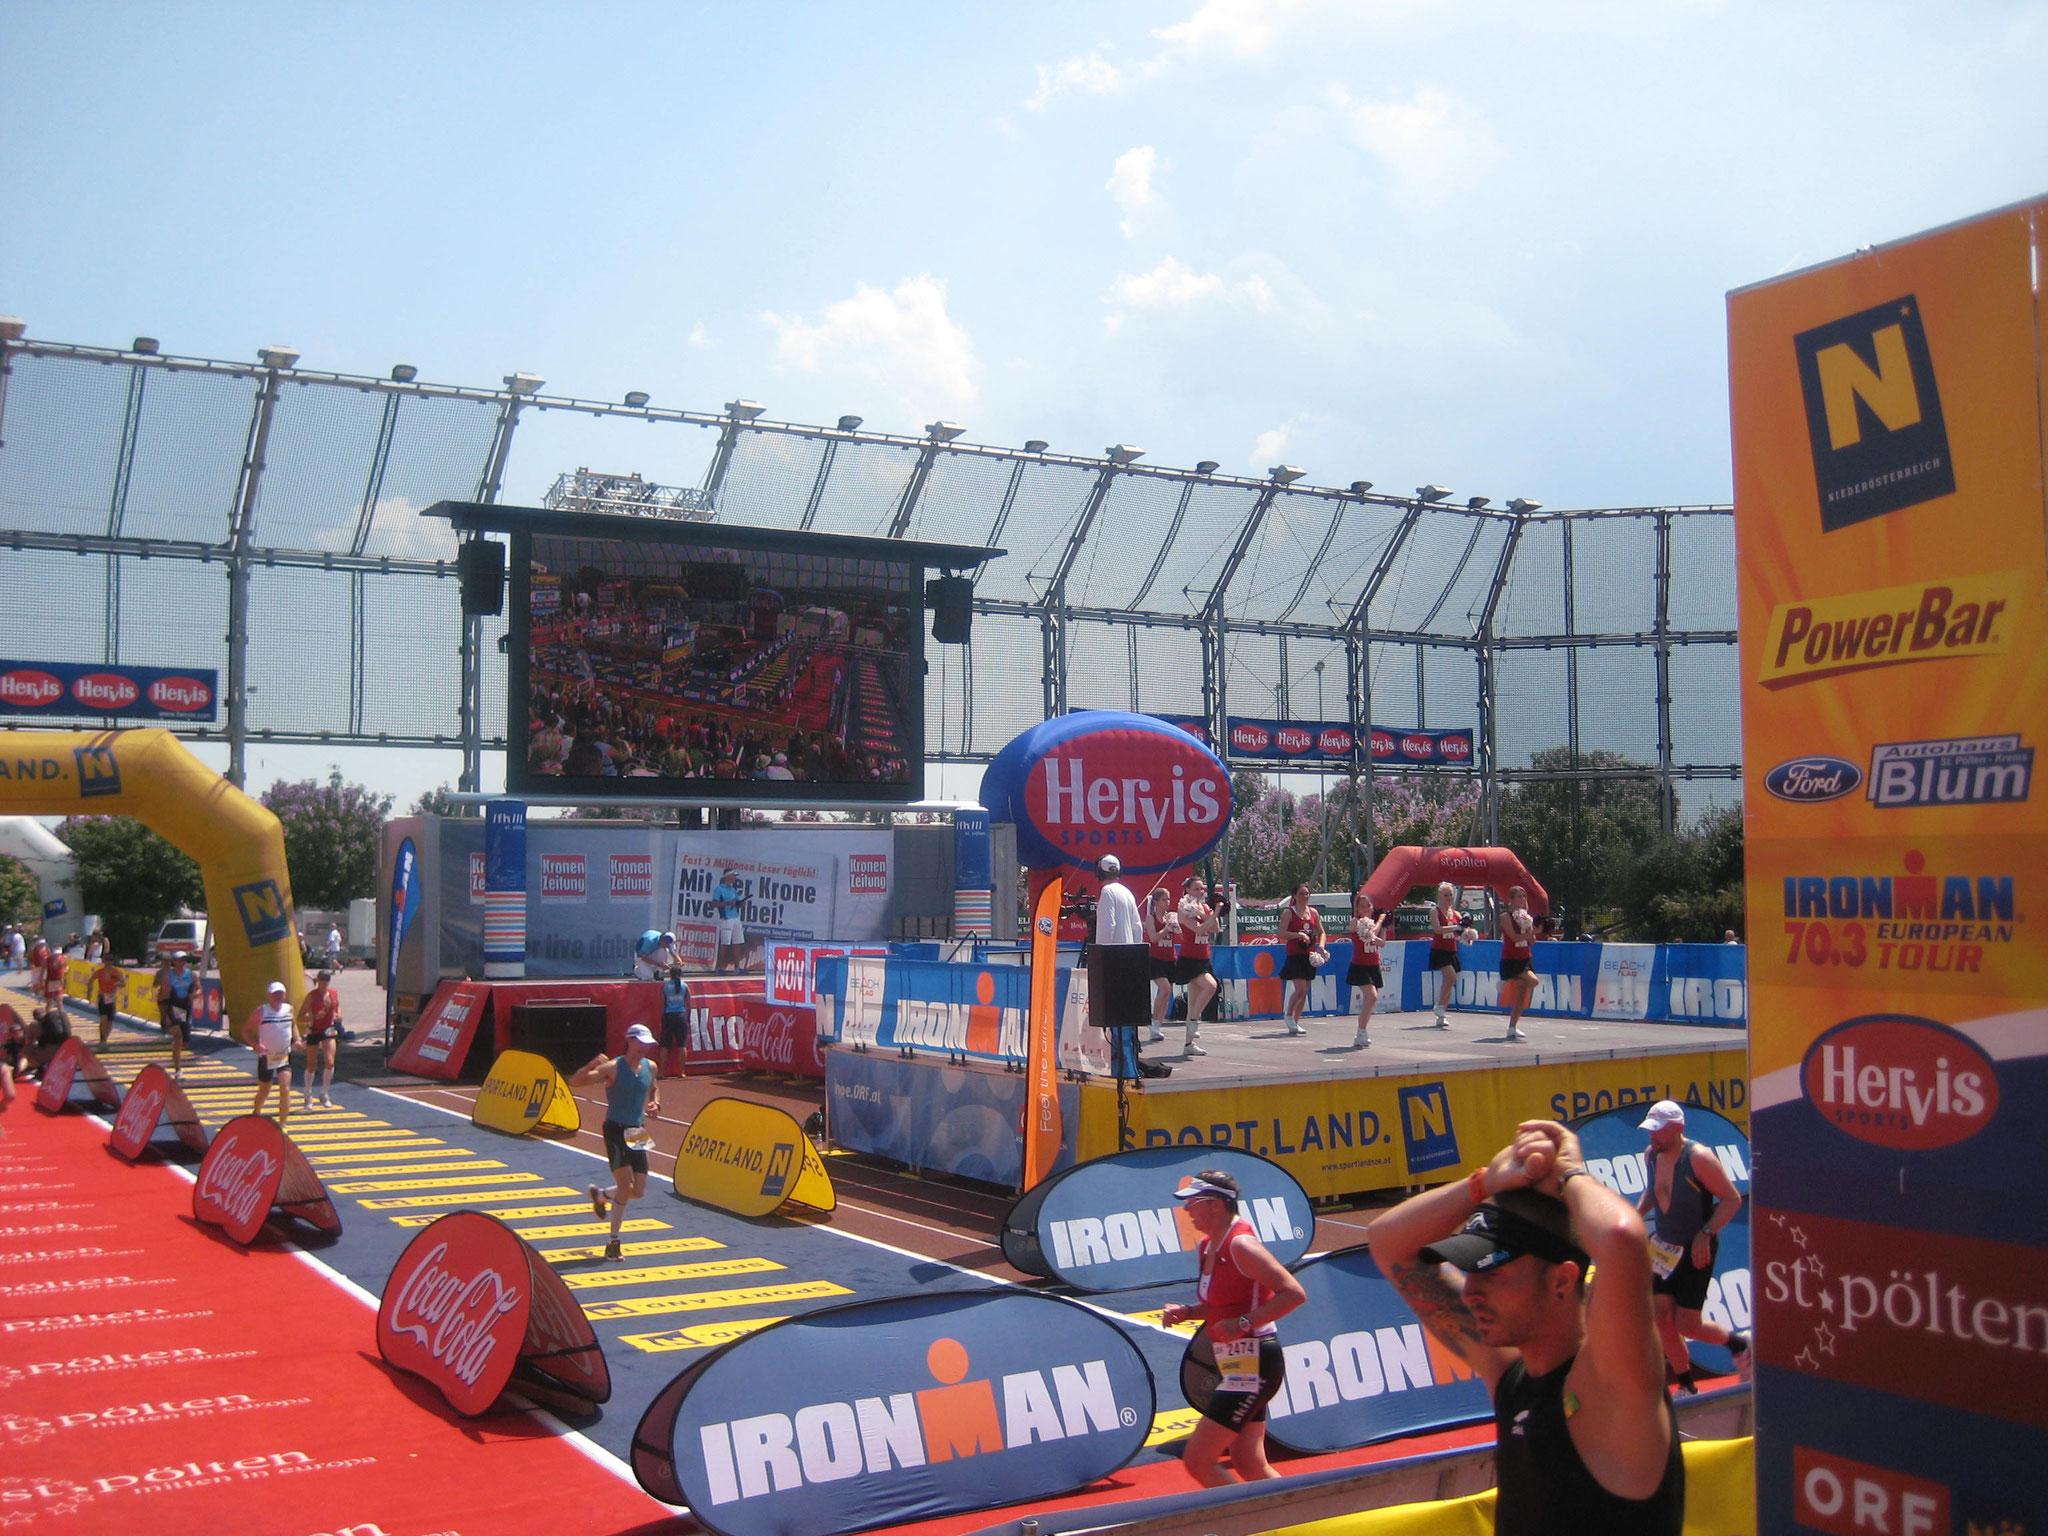 Ironman 70.3 St.pölten auf zur ersten Laufrunde